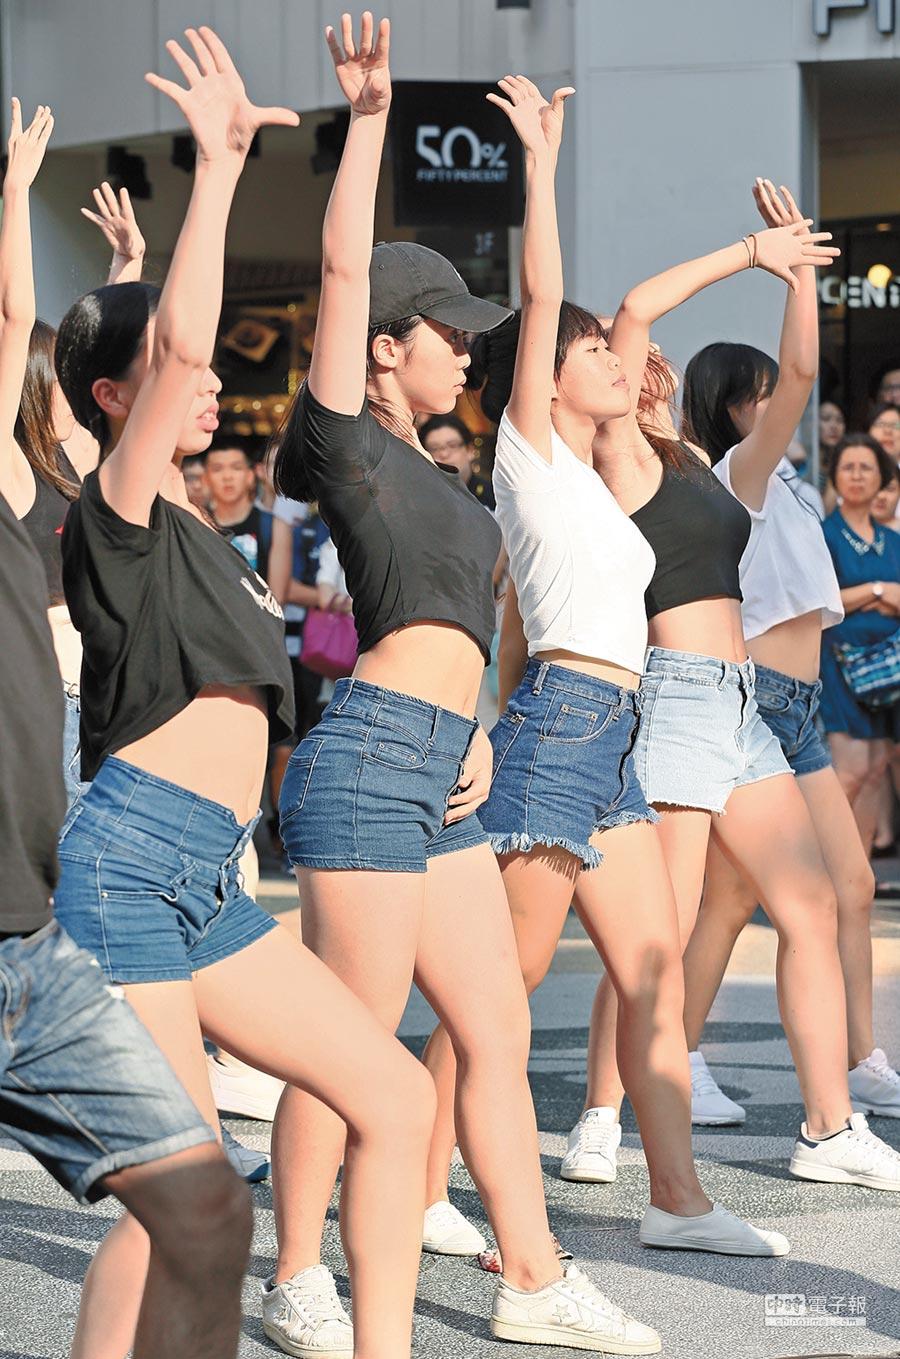 太平洋高壓持續籠罩台灣,台北22日高溫飆破37度,圖為台大熱舞社成員頂著烈陽,在西門町跳起街舞快閃,為8月2日開始的2016暑舞營宣傳。(張鎧乙攝)